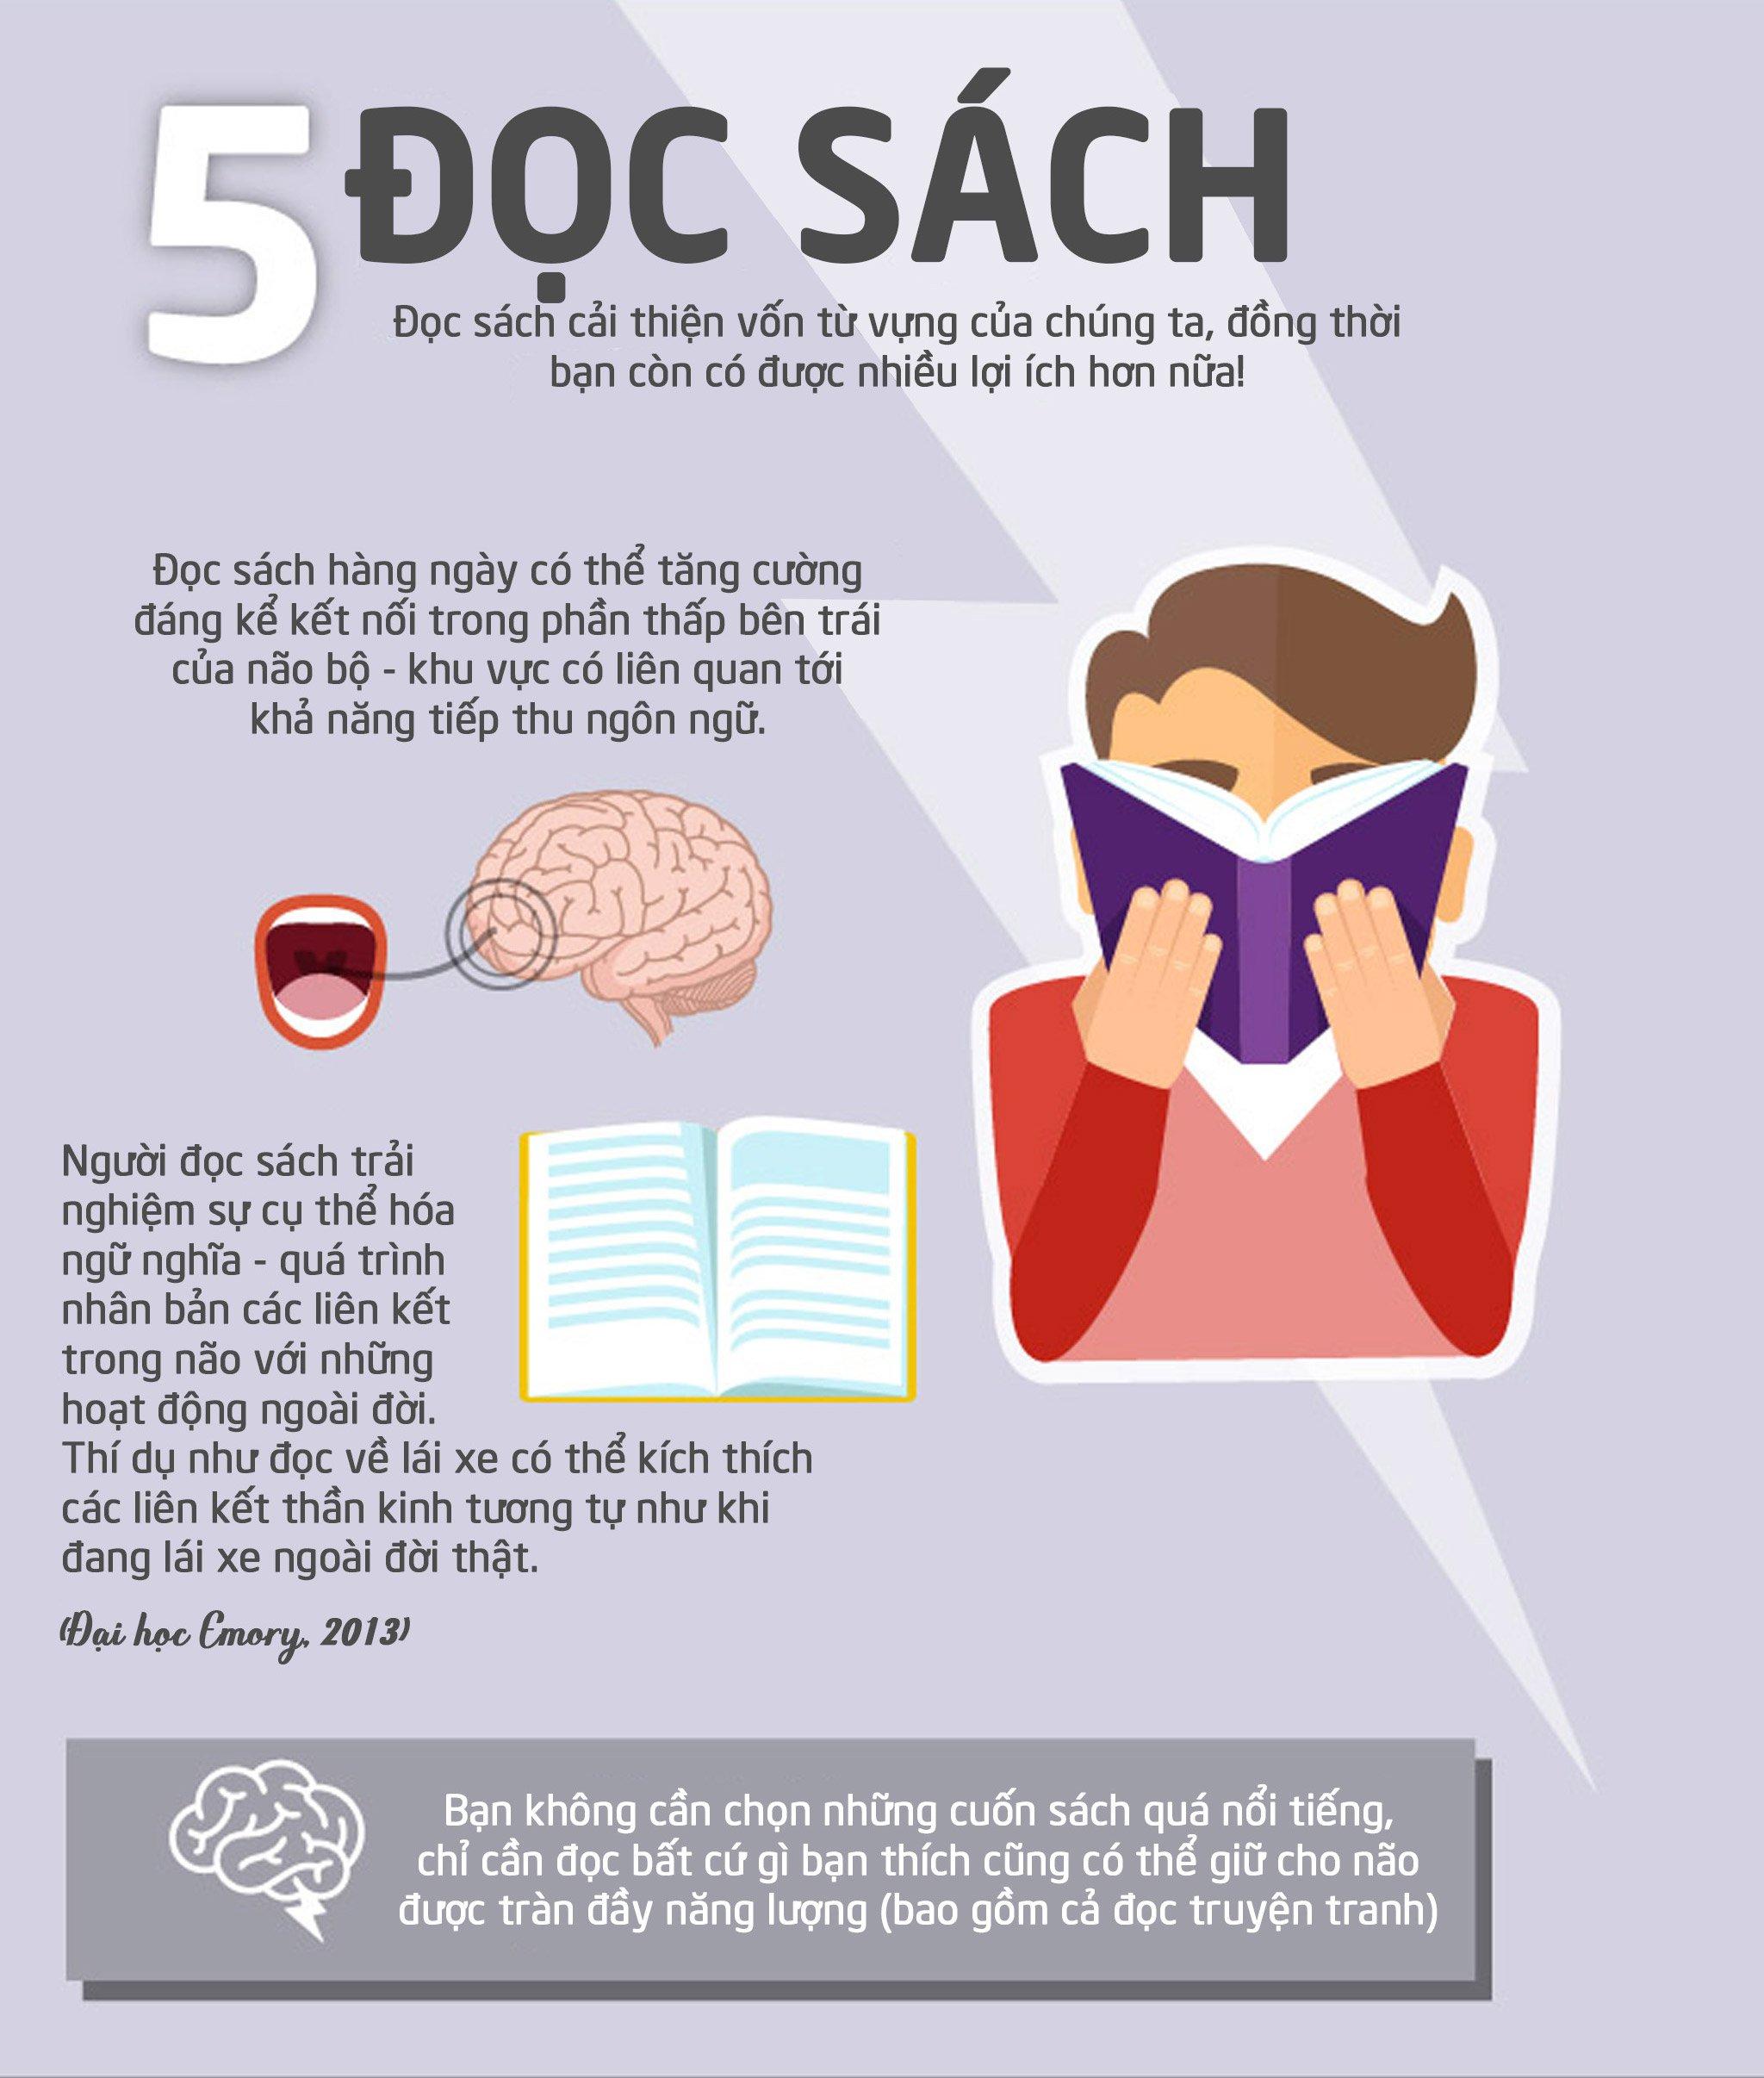 [Infographic] 5 Thói quen sở thích giúp bạn thông minh và nhanh trí hơn - Ảnh 3